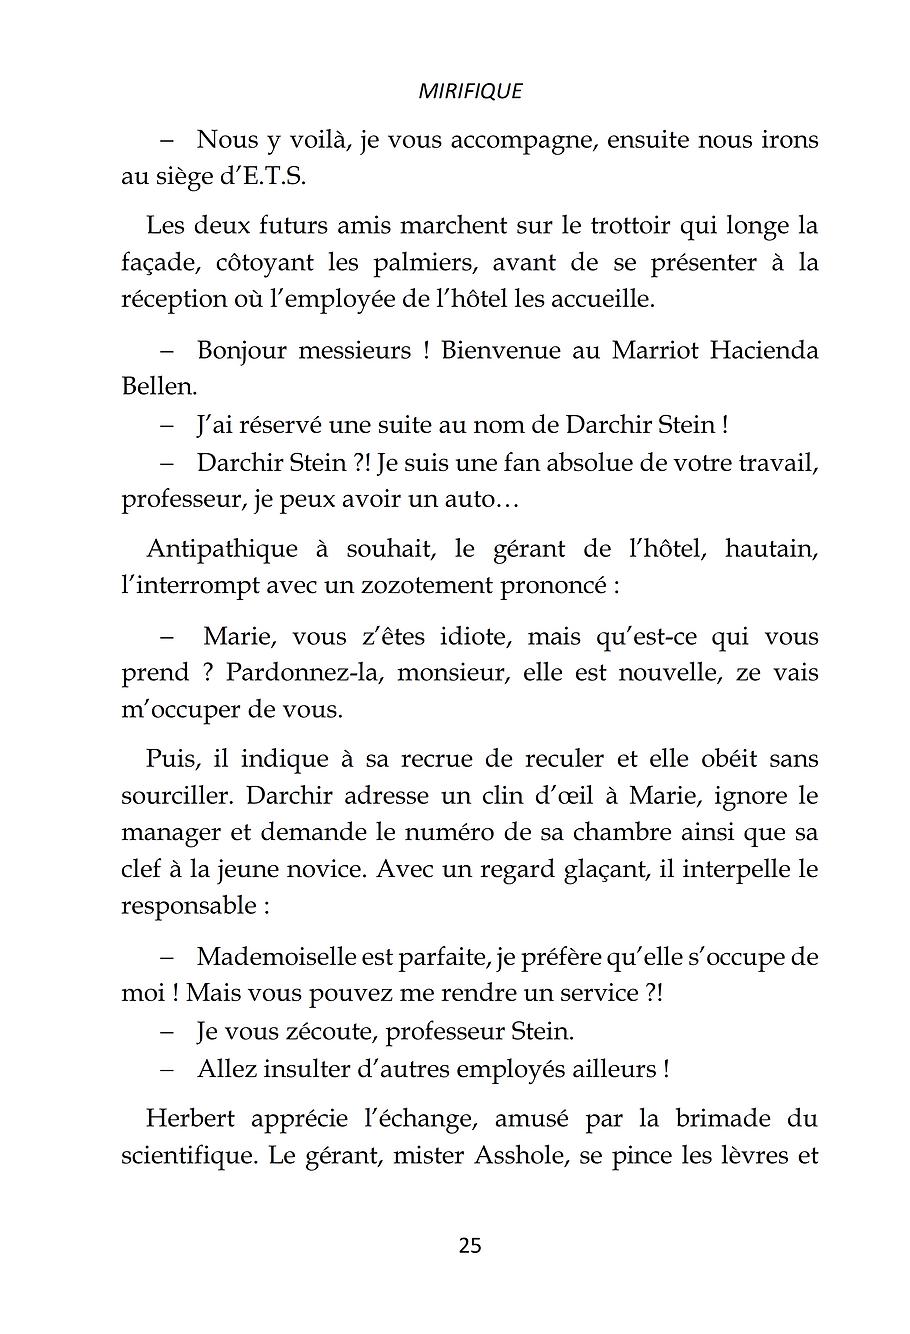 Ellho - Mirifique - Extraits_21.png